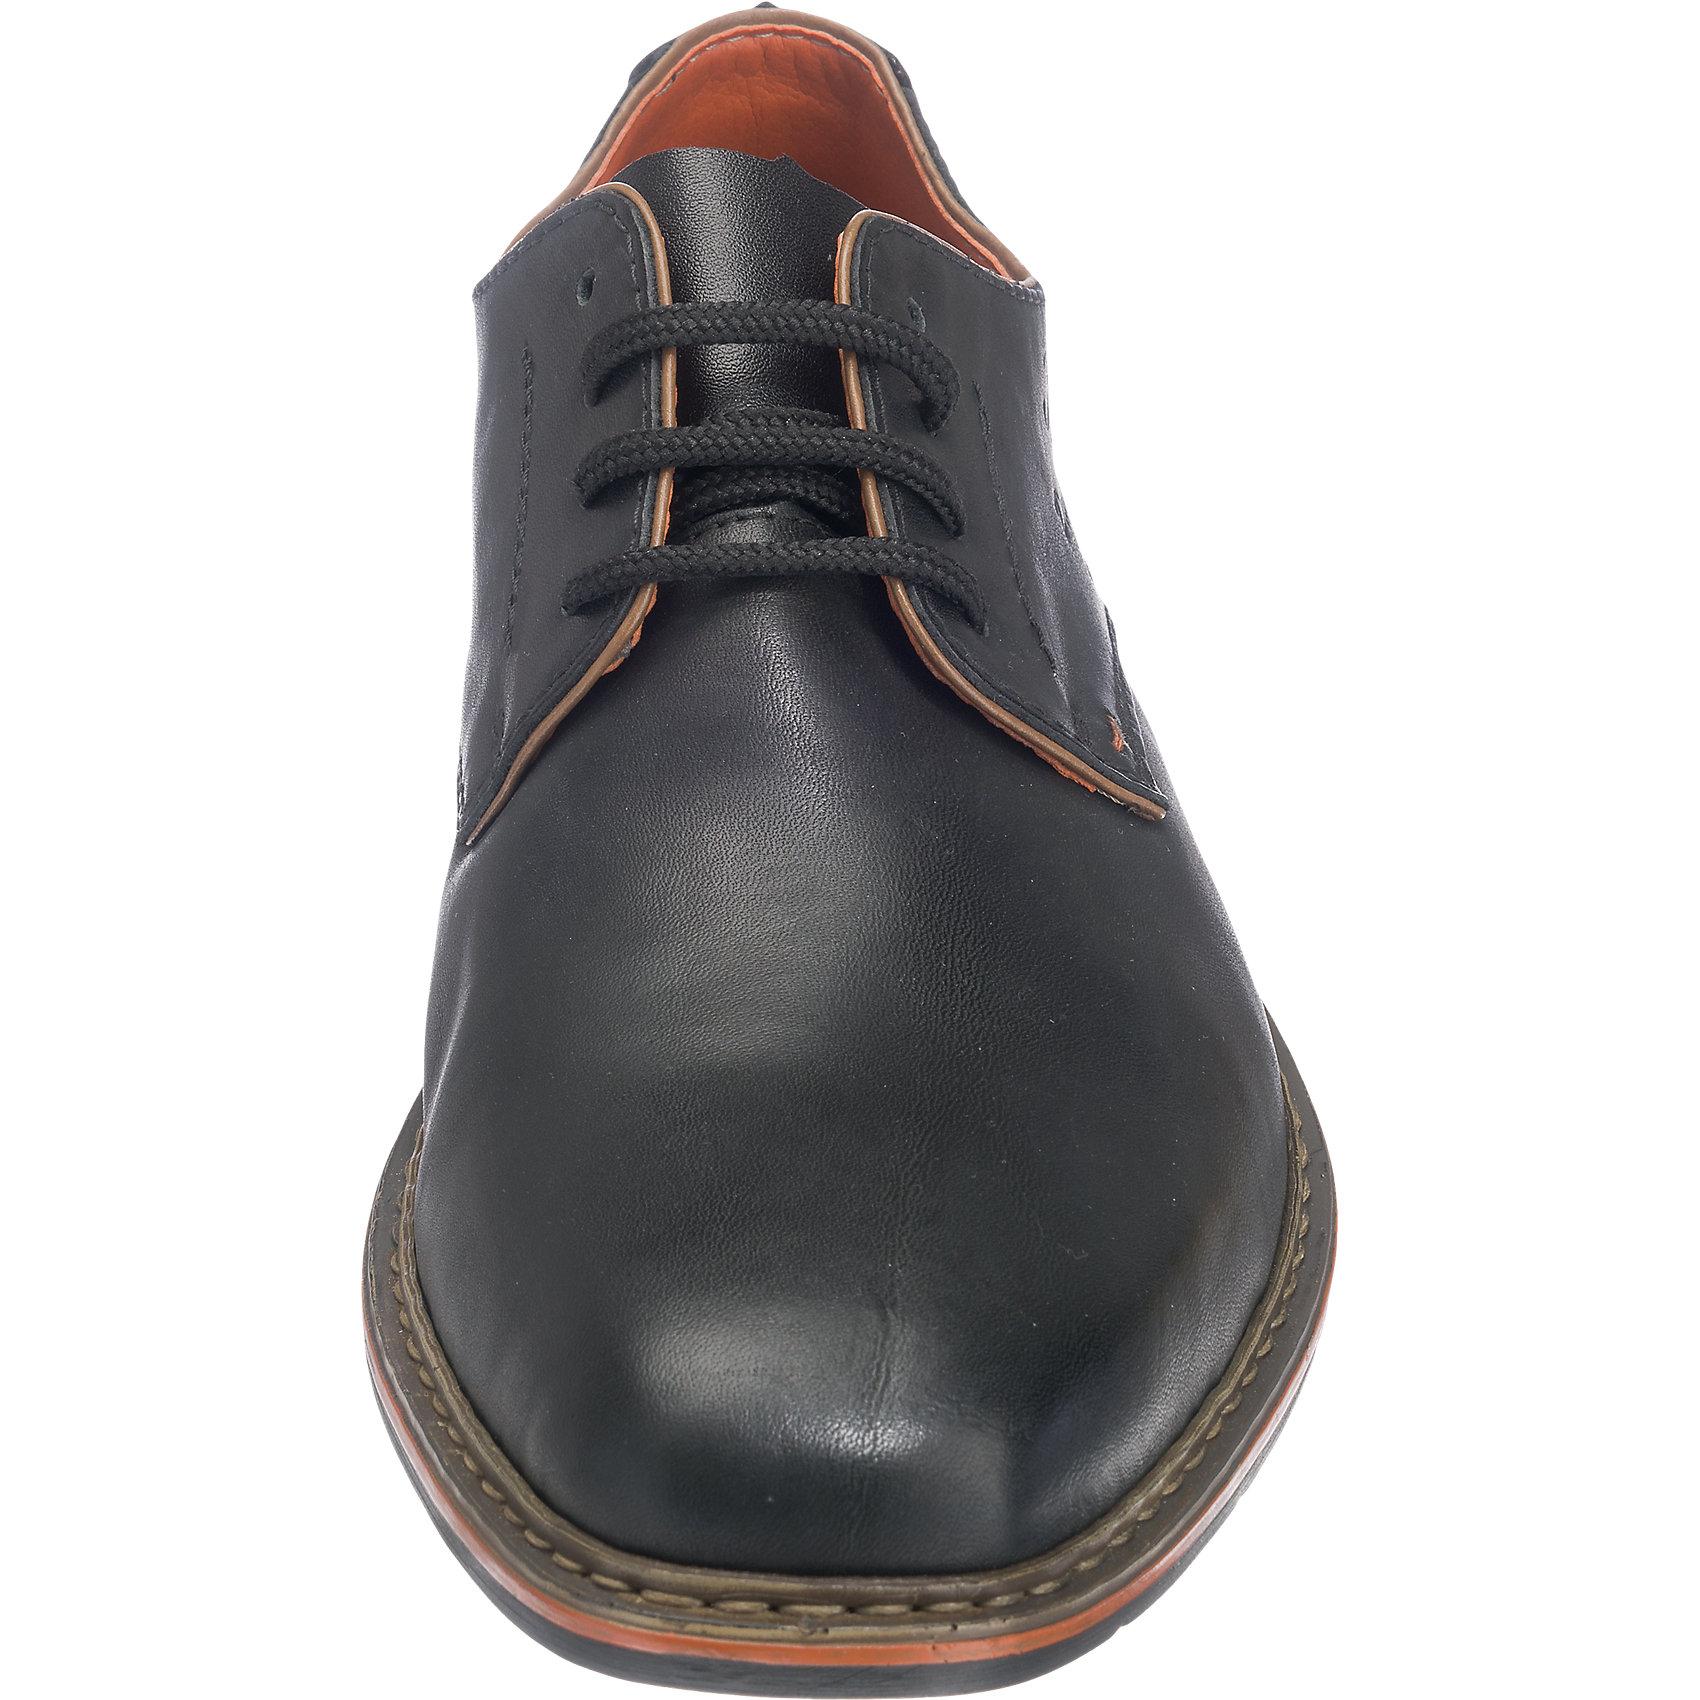 Neu rieker Business Schuhe 5751340 für Herren schwarz